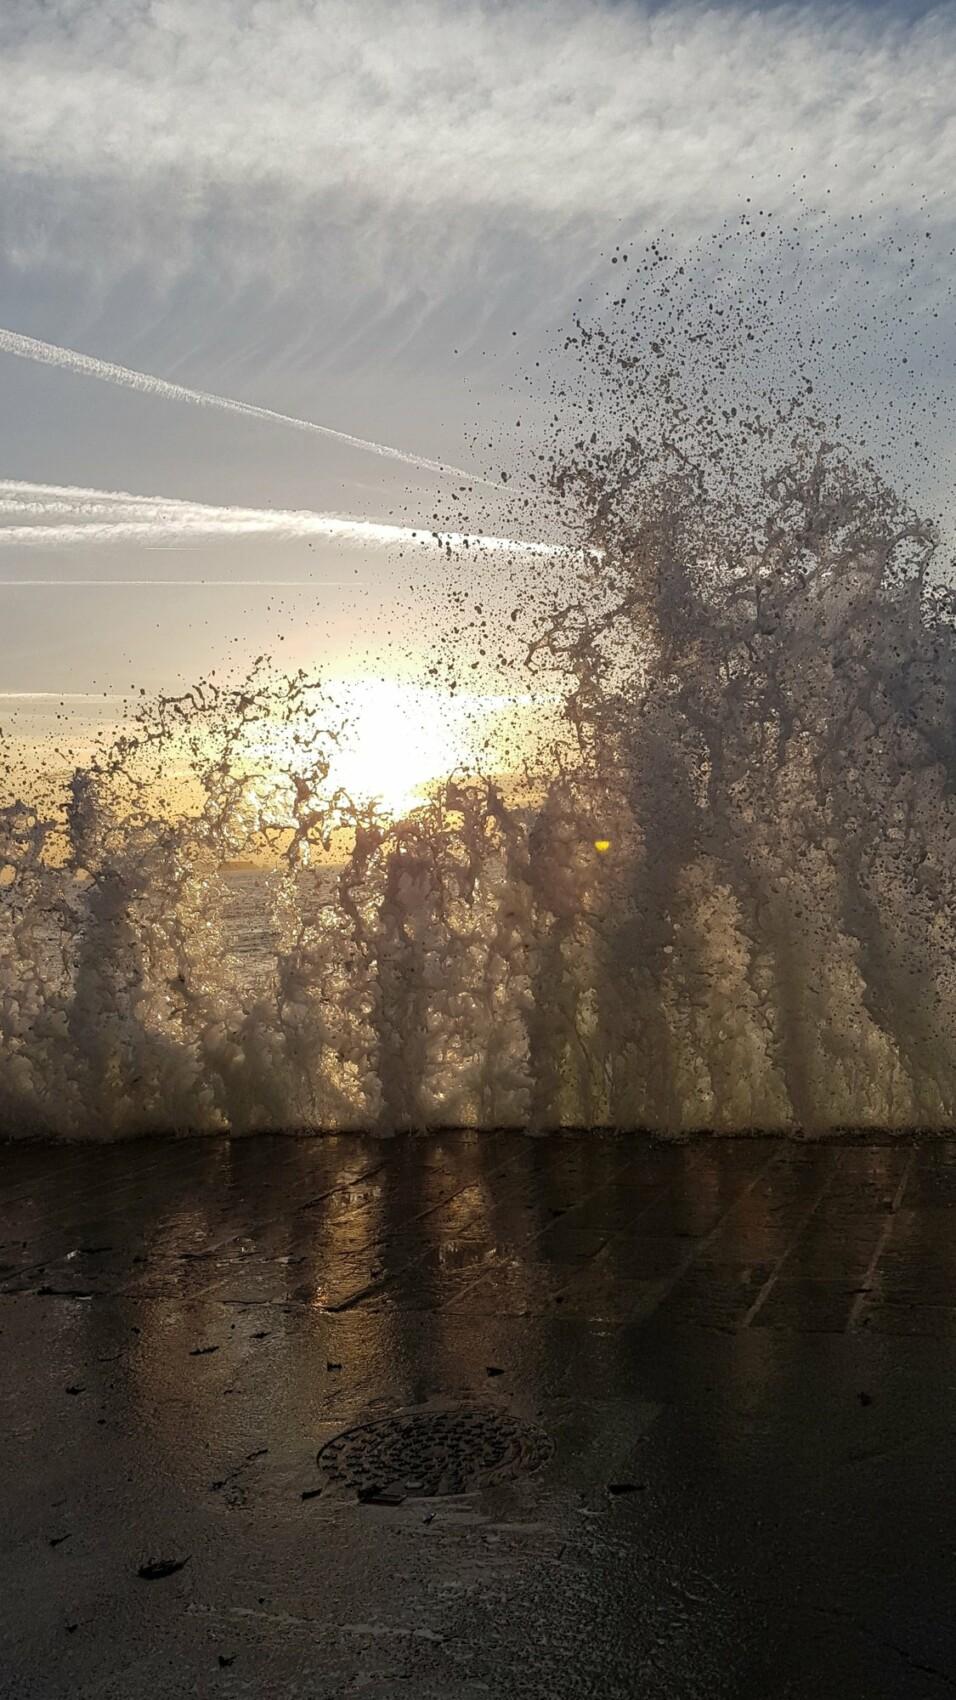 Pour que les gouttes de cette vague soient comme suspendues dans l'air, il a fallu que la vitesse d'obturation soit à 1/3000s. La vitesse est la clé de réussite pour ses photos en mouvement! Photo réalisée avec le GalaxyS10